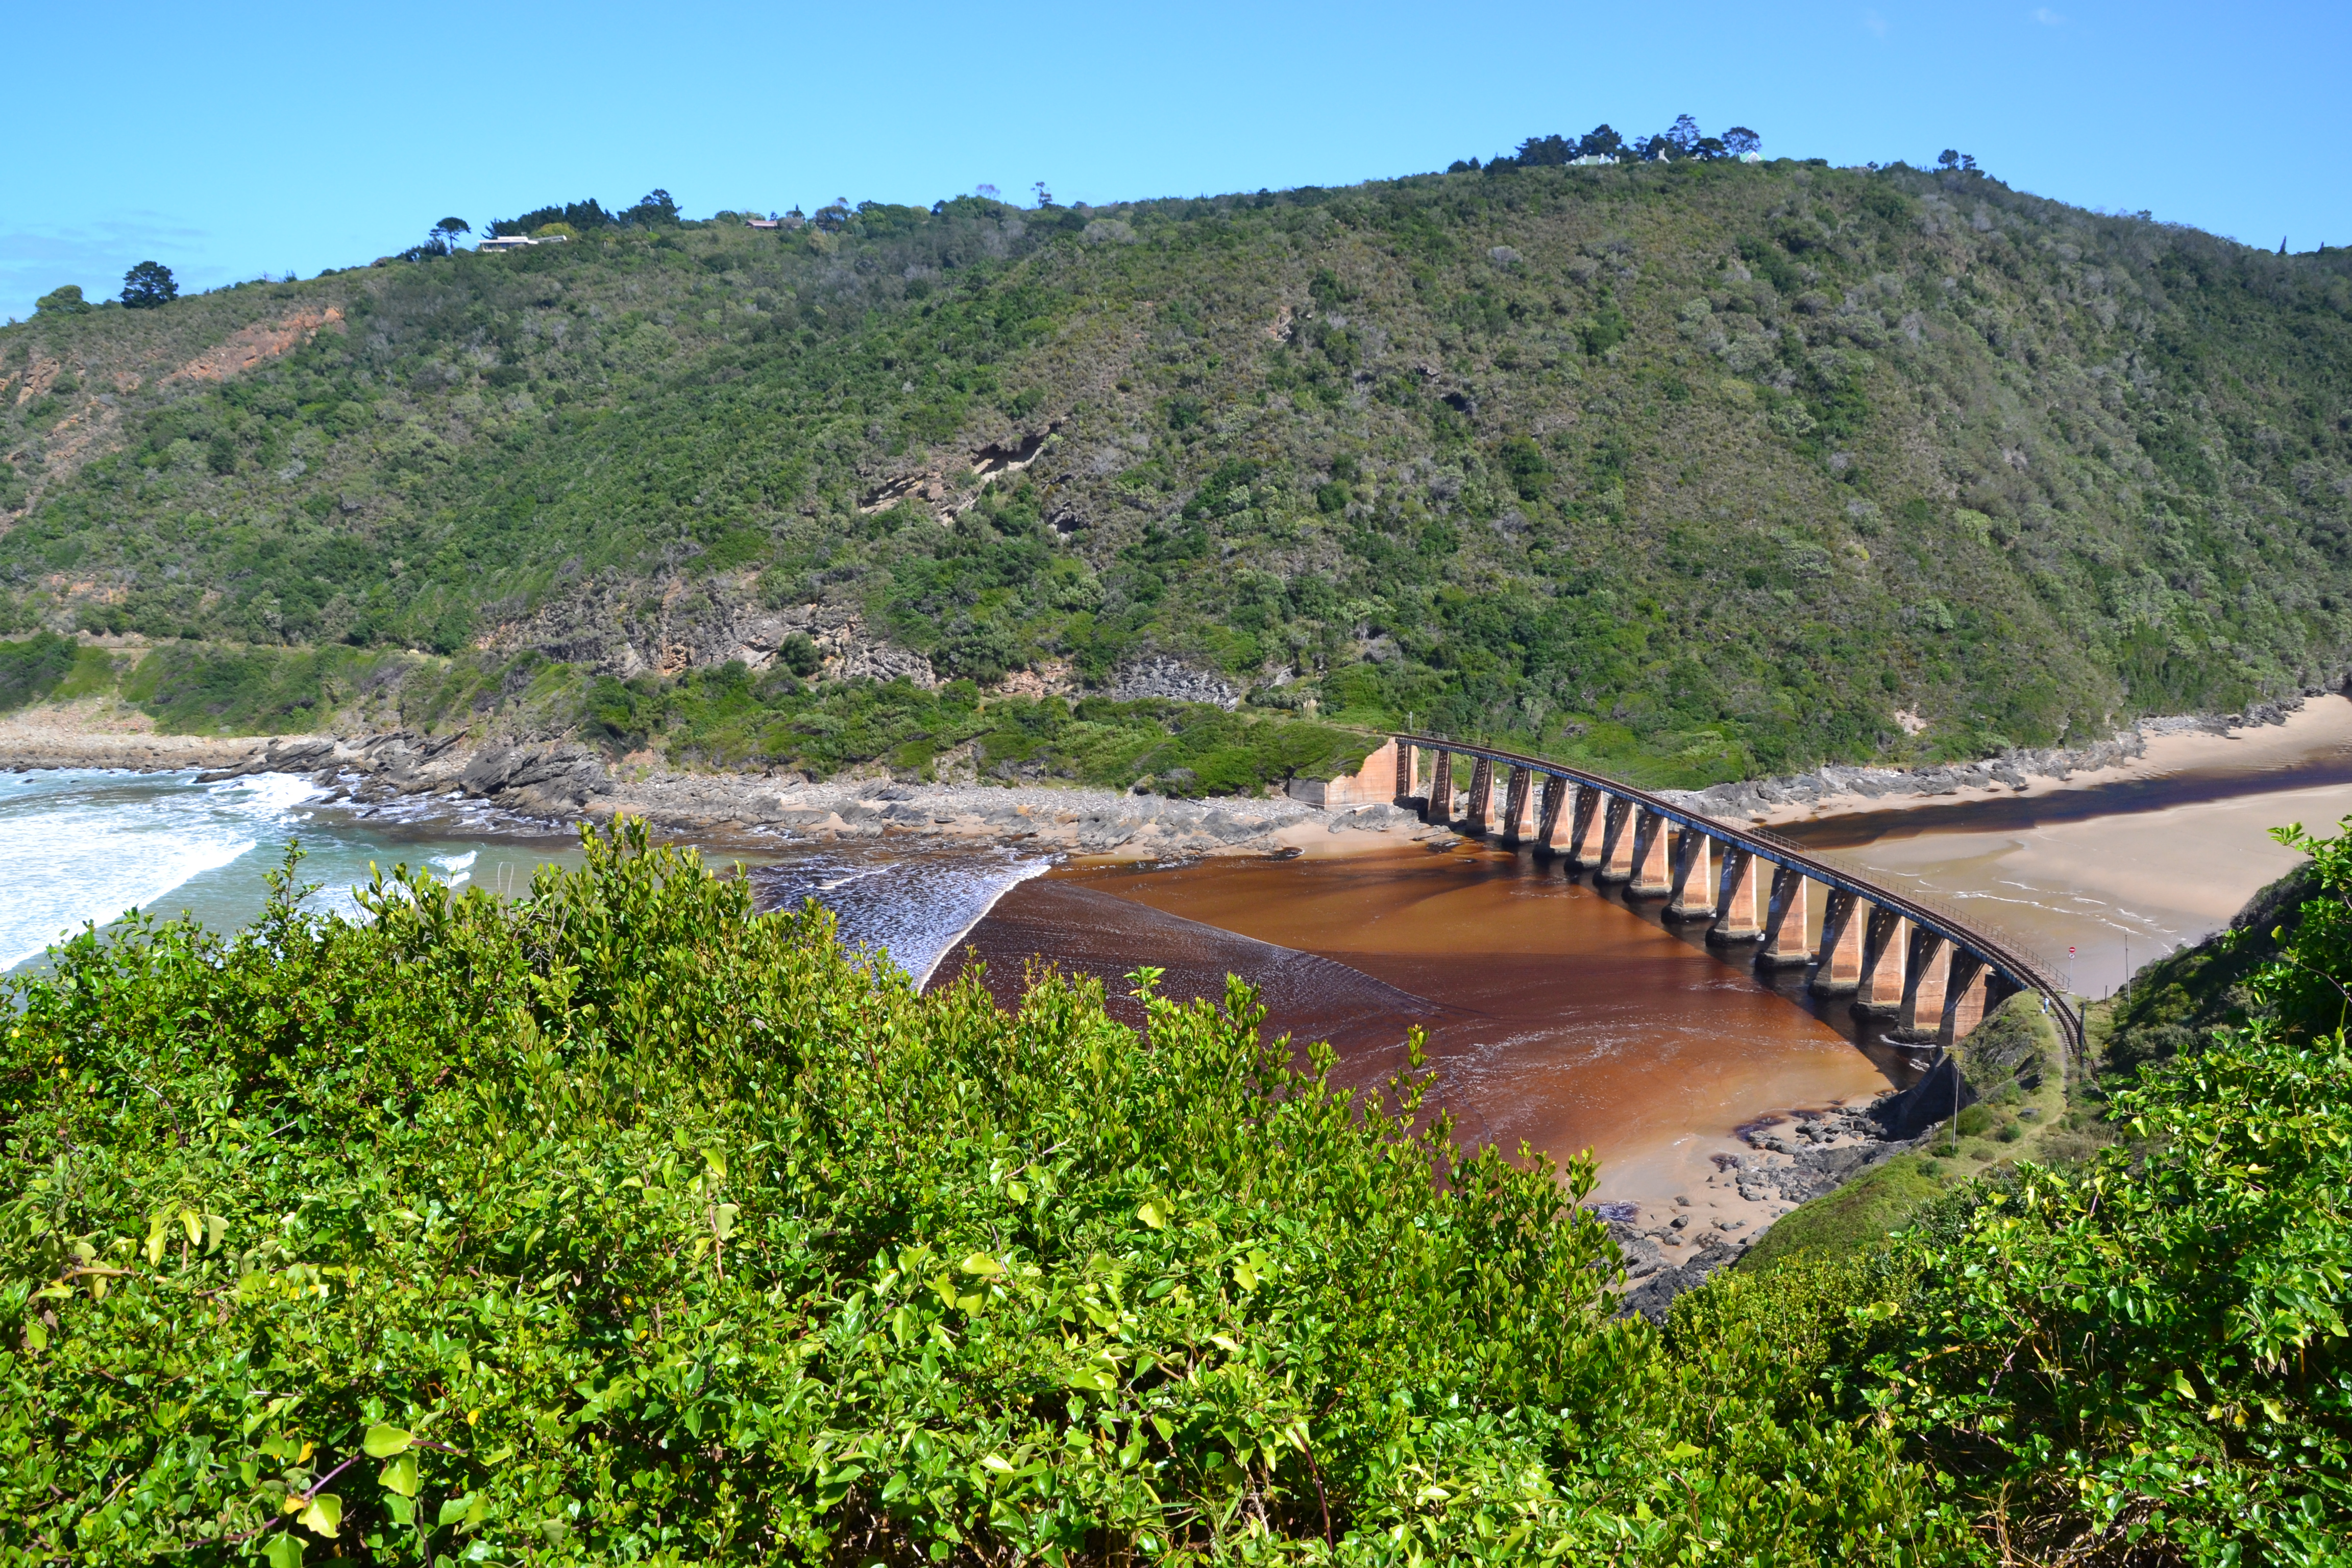 Vue sur le pont de Kaimans pass située dans le Wilderness en Afrique du Sud